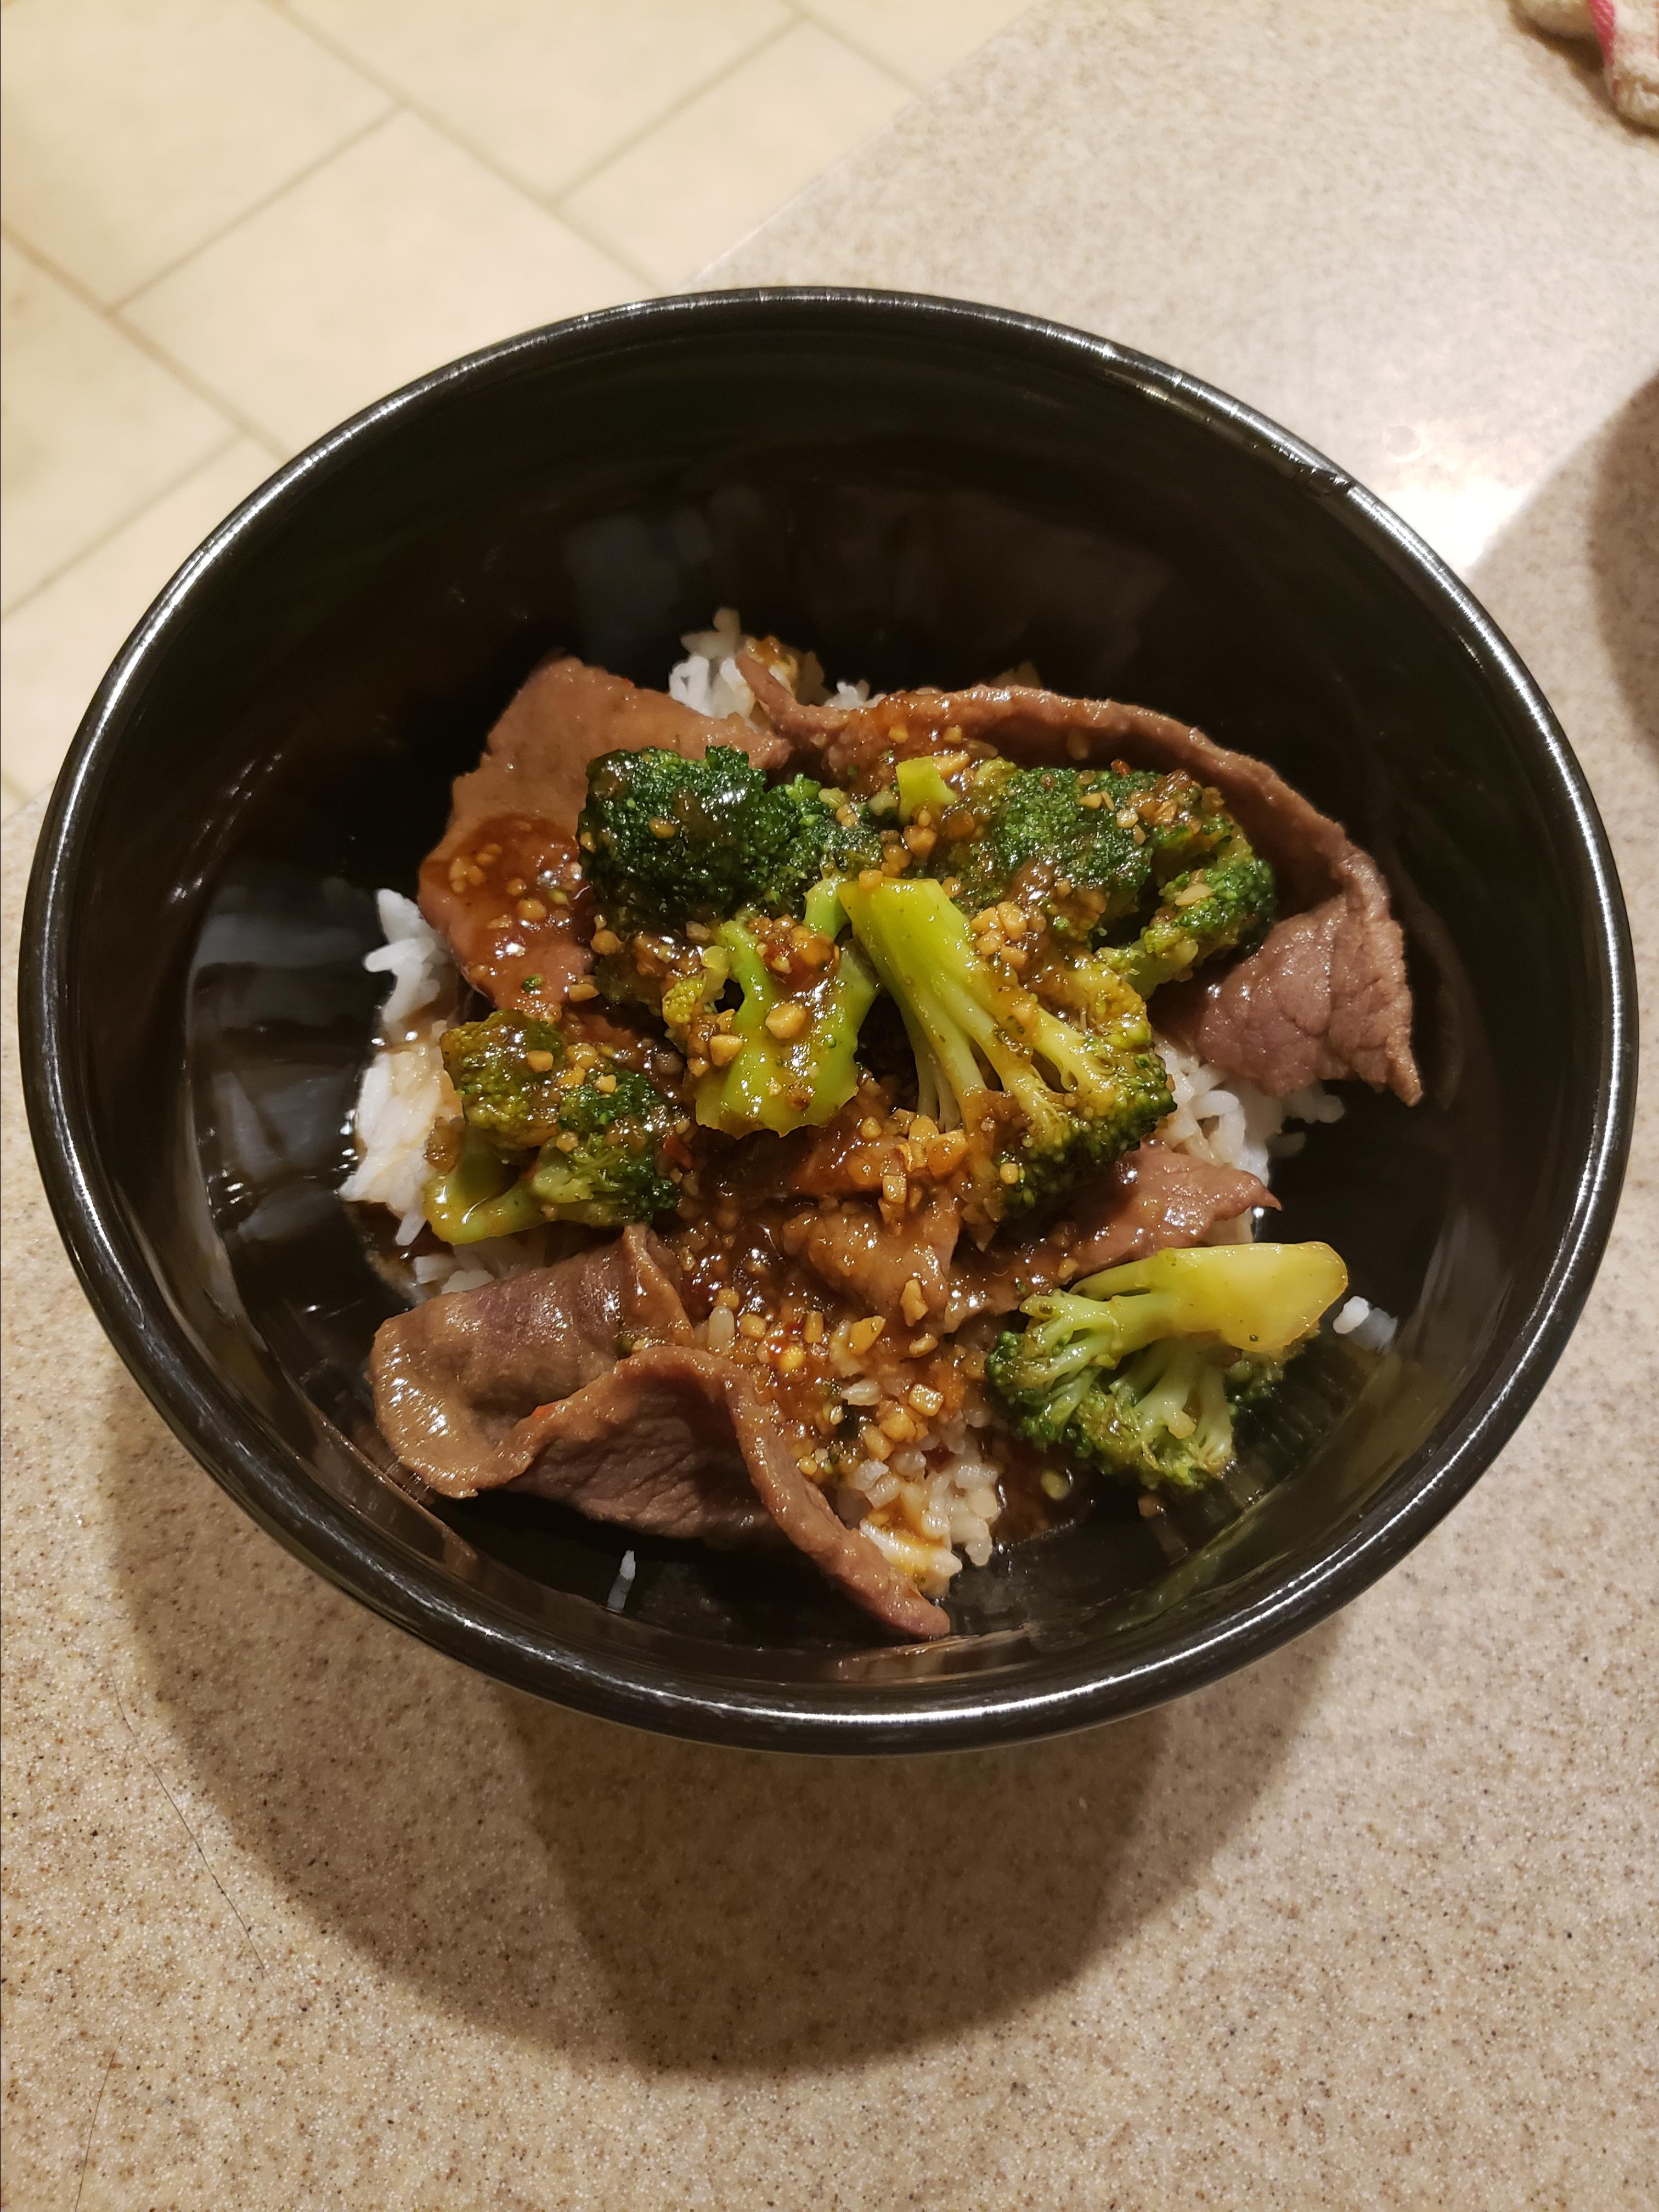 Slow Cooker Broccoli Beef Toni